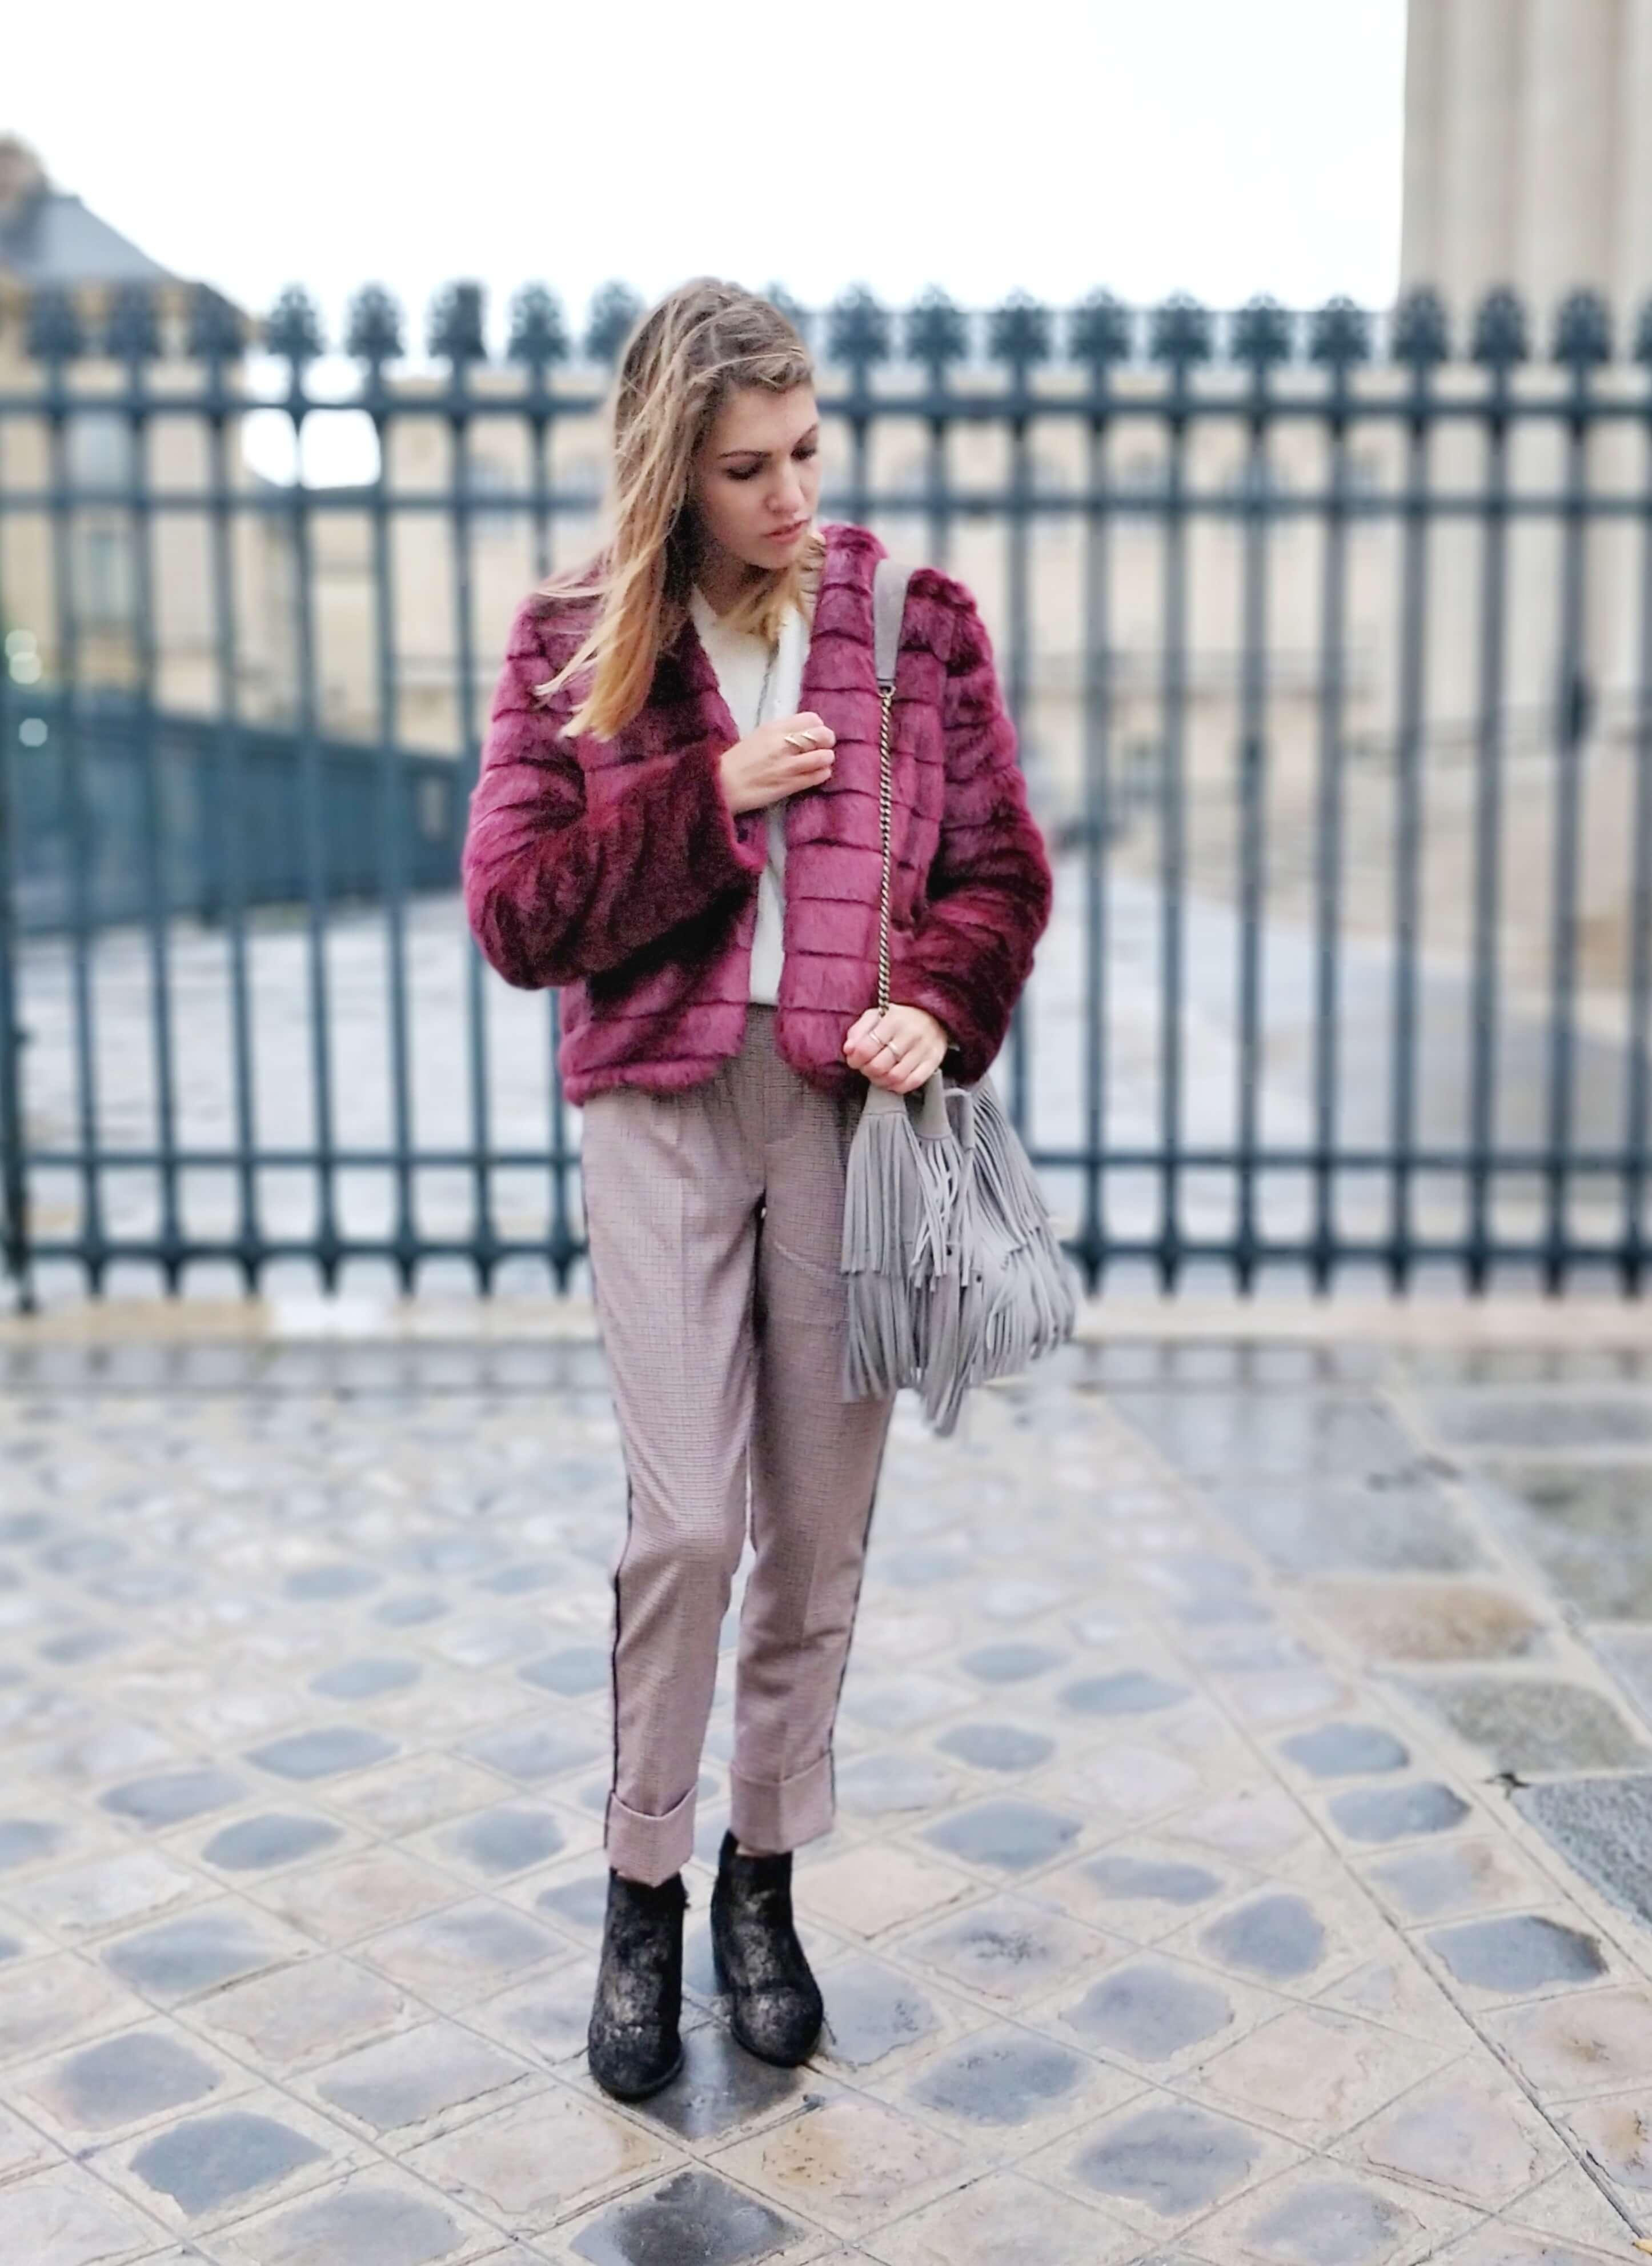 tenue manteau fausse fourrure bordeaux - L'hiver en fausse fourrure